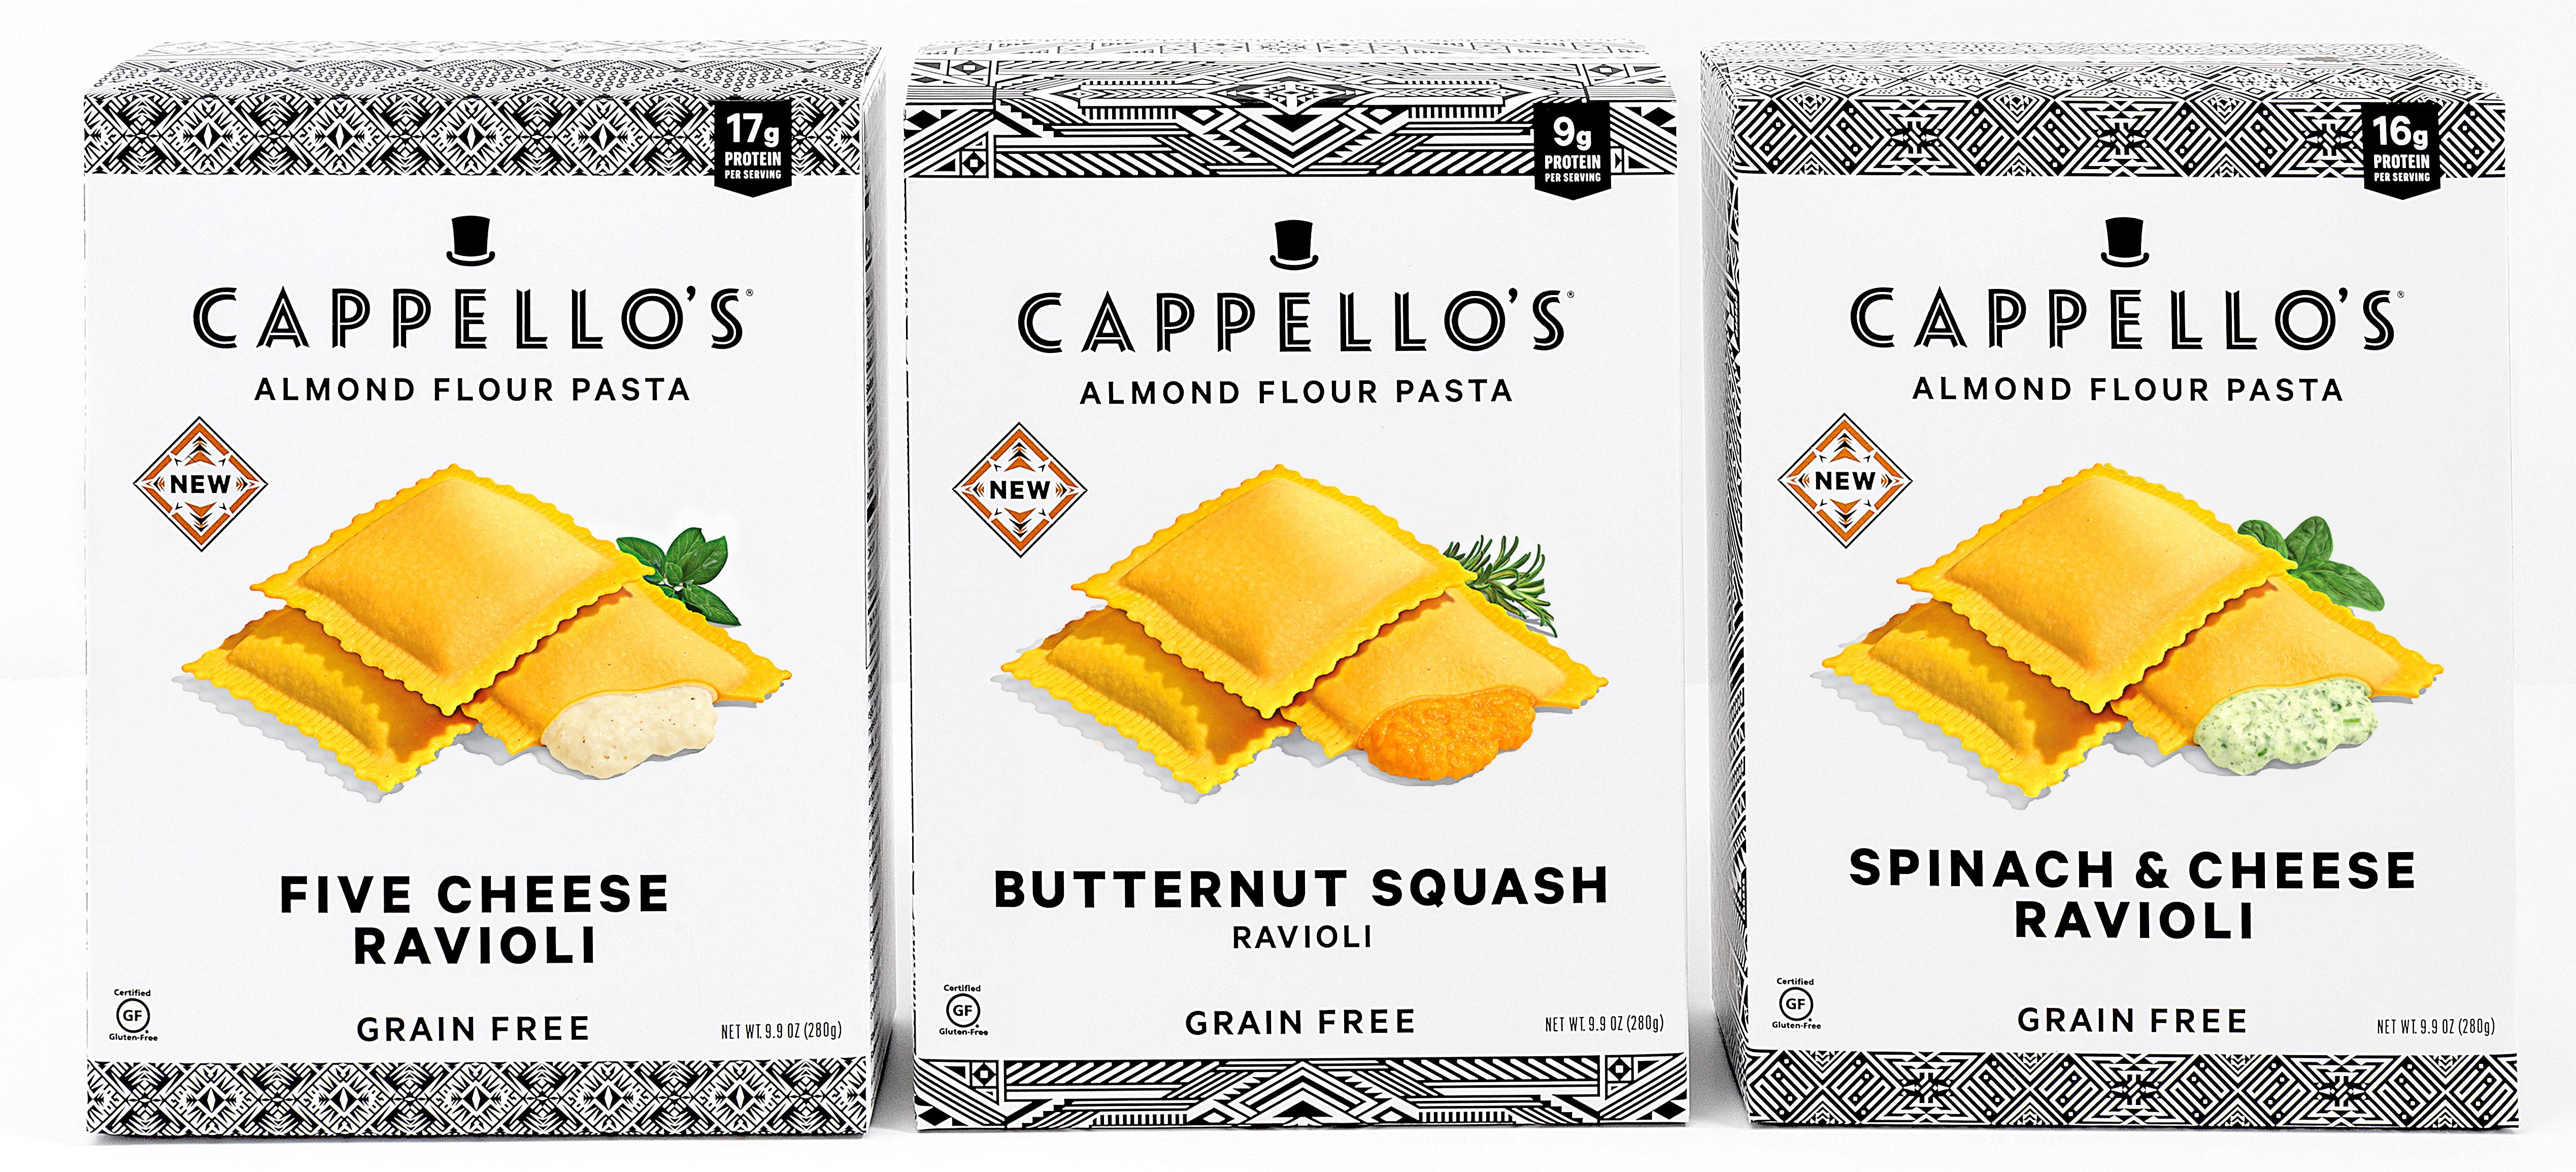 Grain-free ravioli from Cappello's